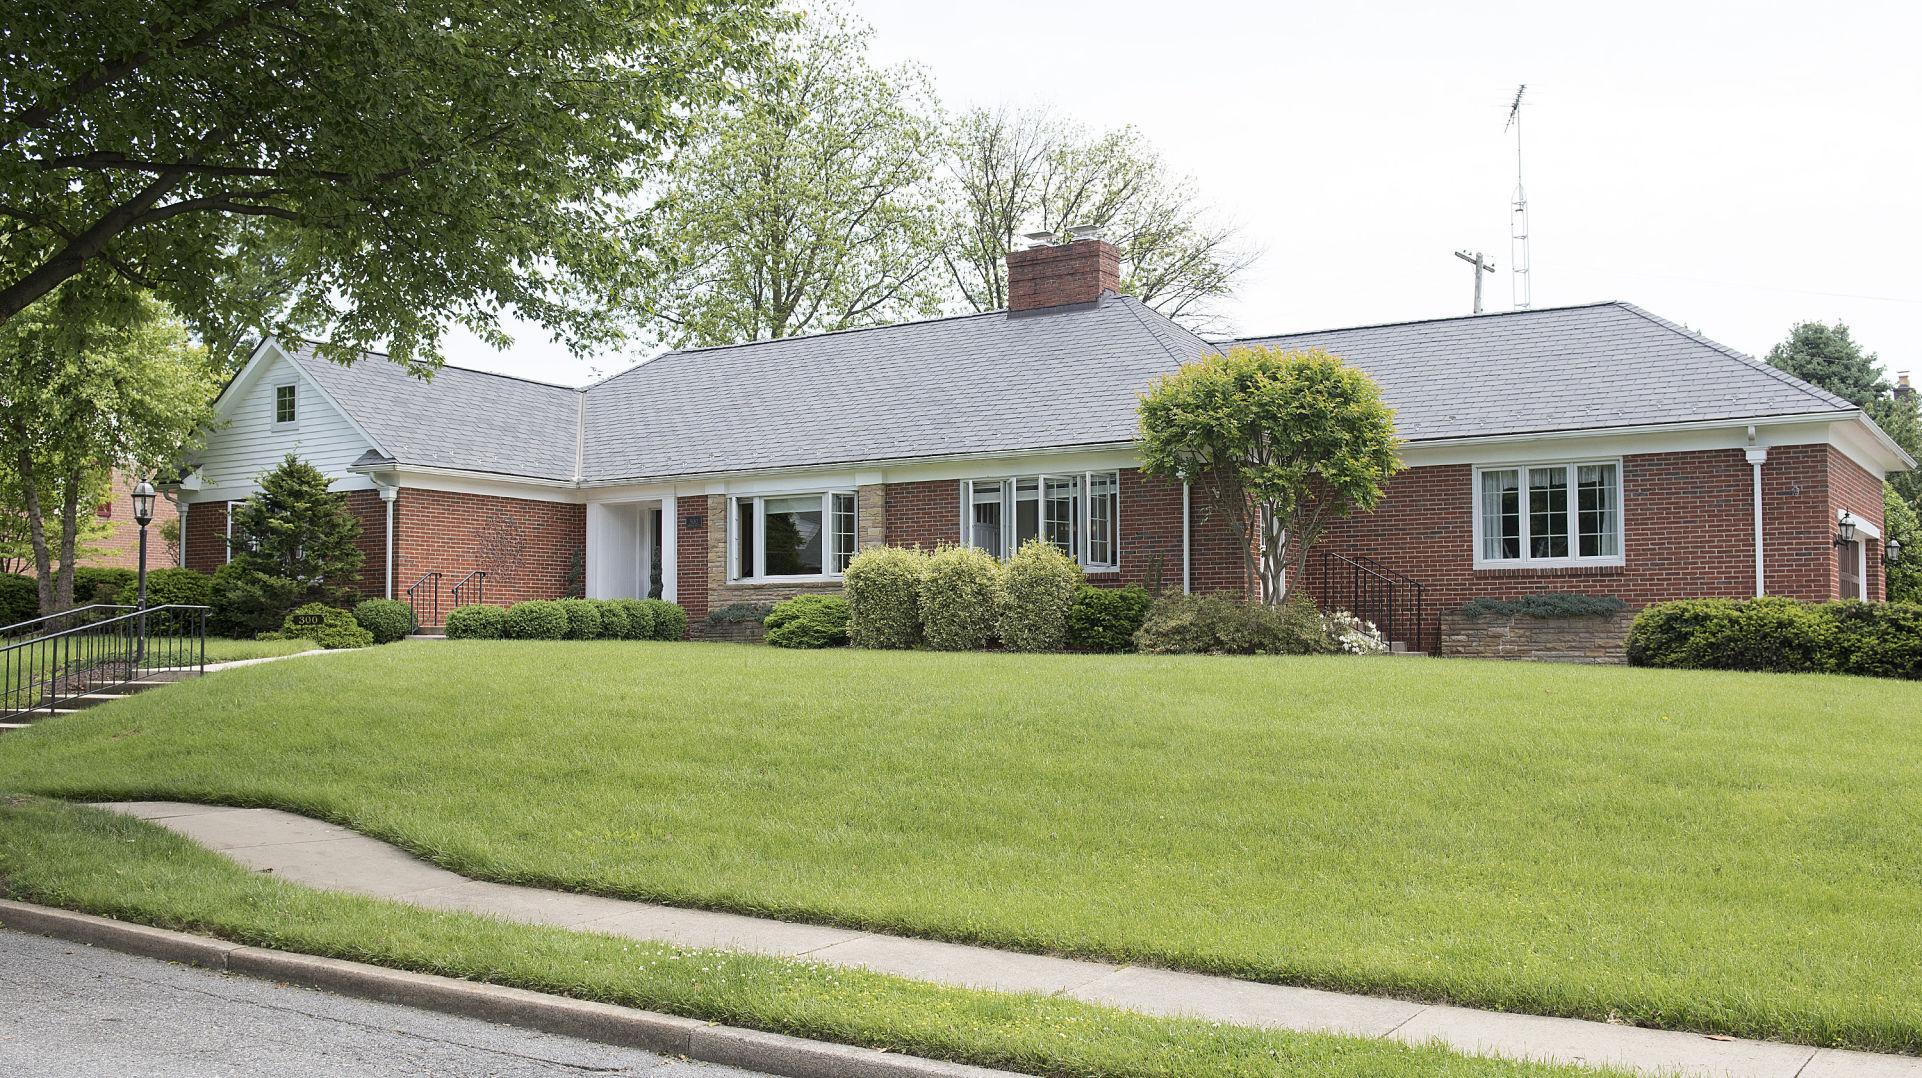 Ranch Style House Near Baker Park Tops Sales List